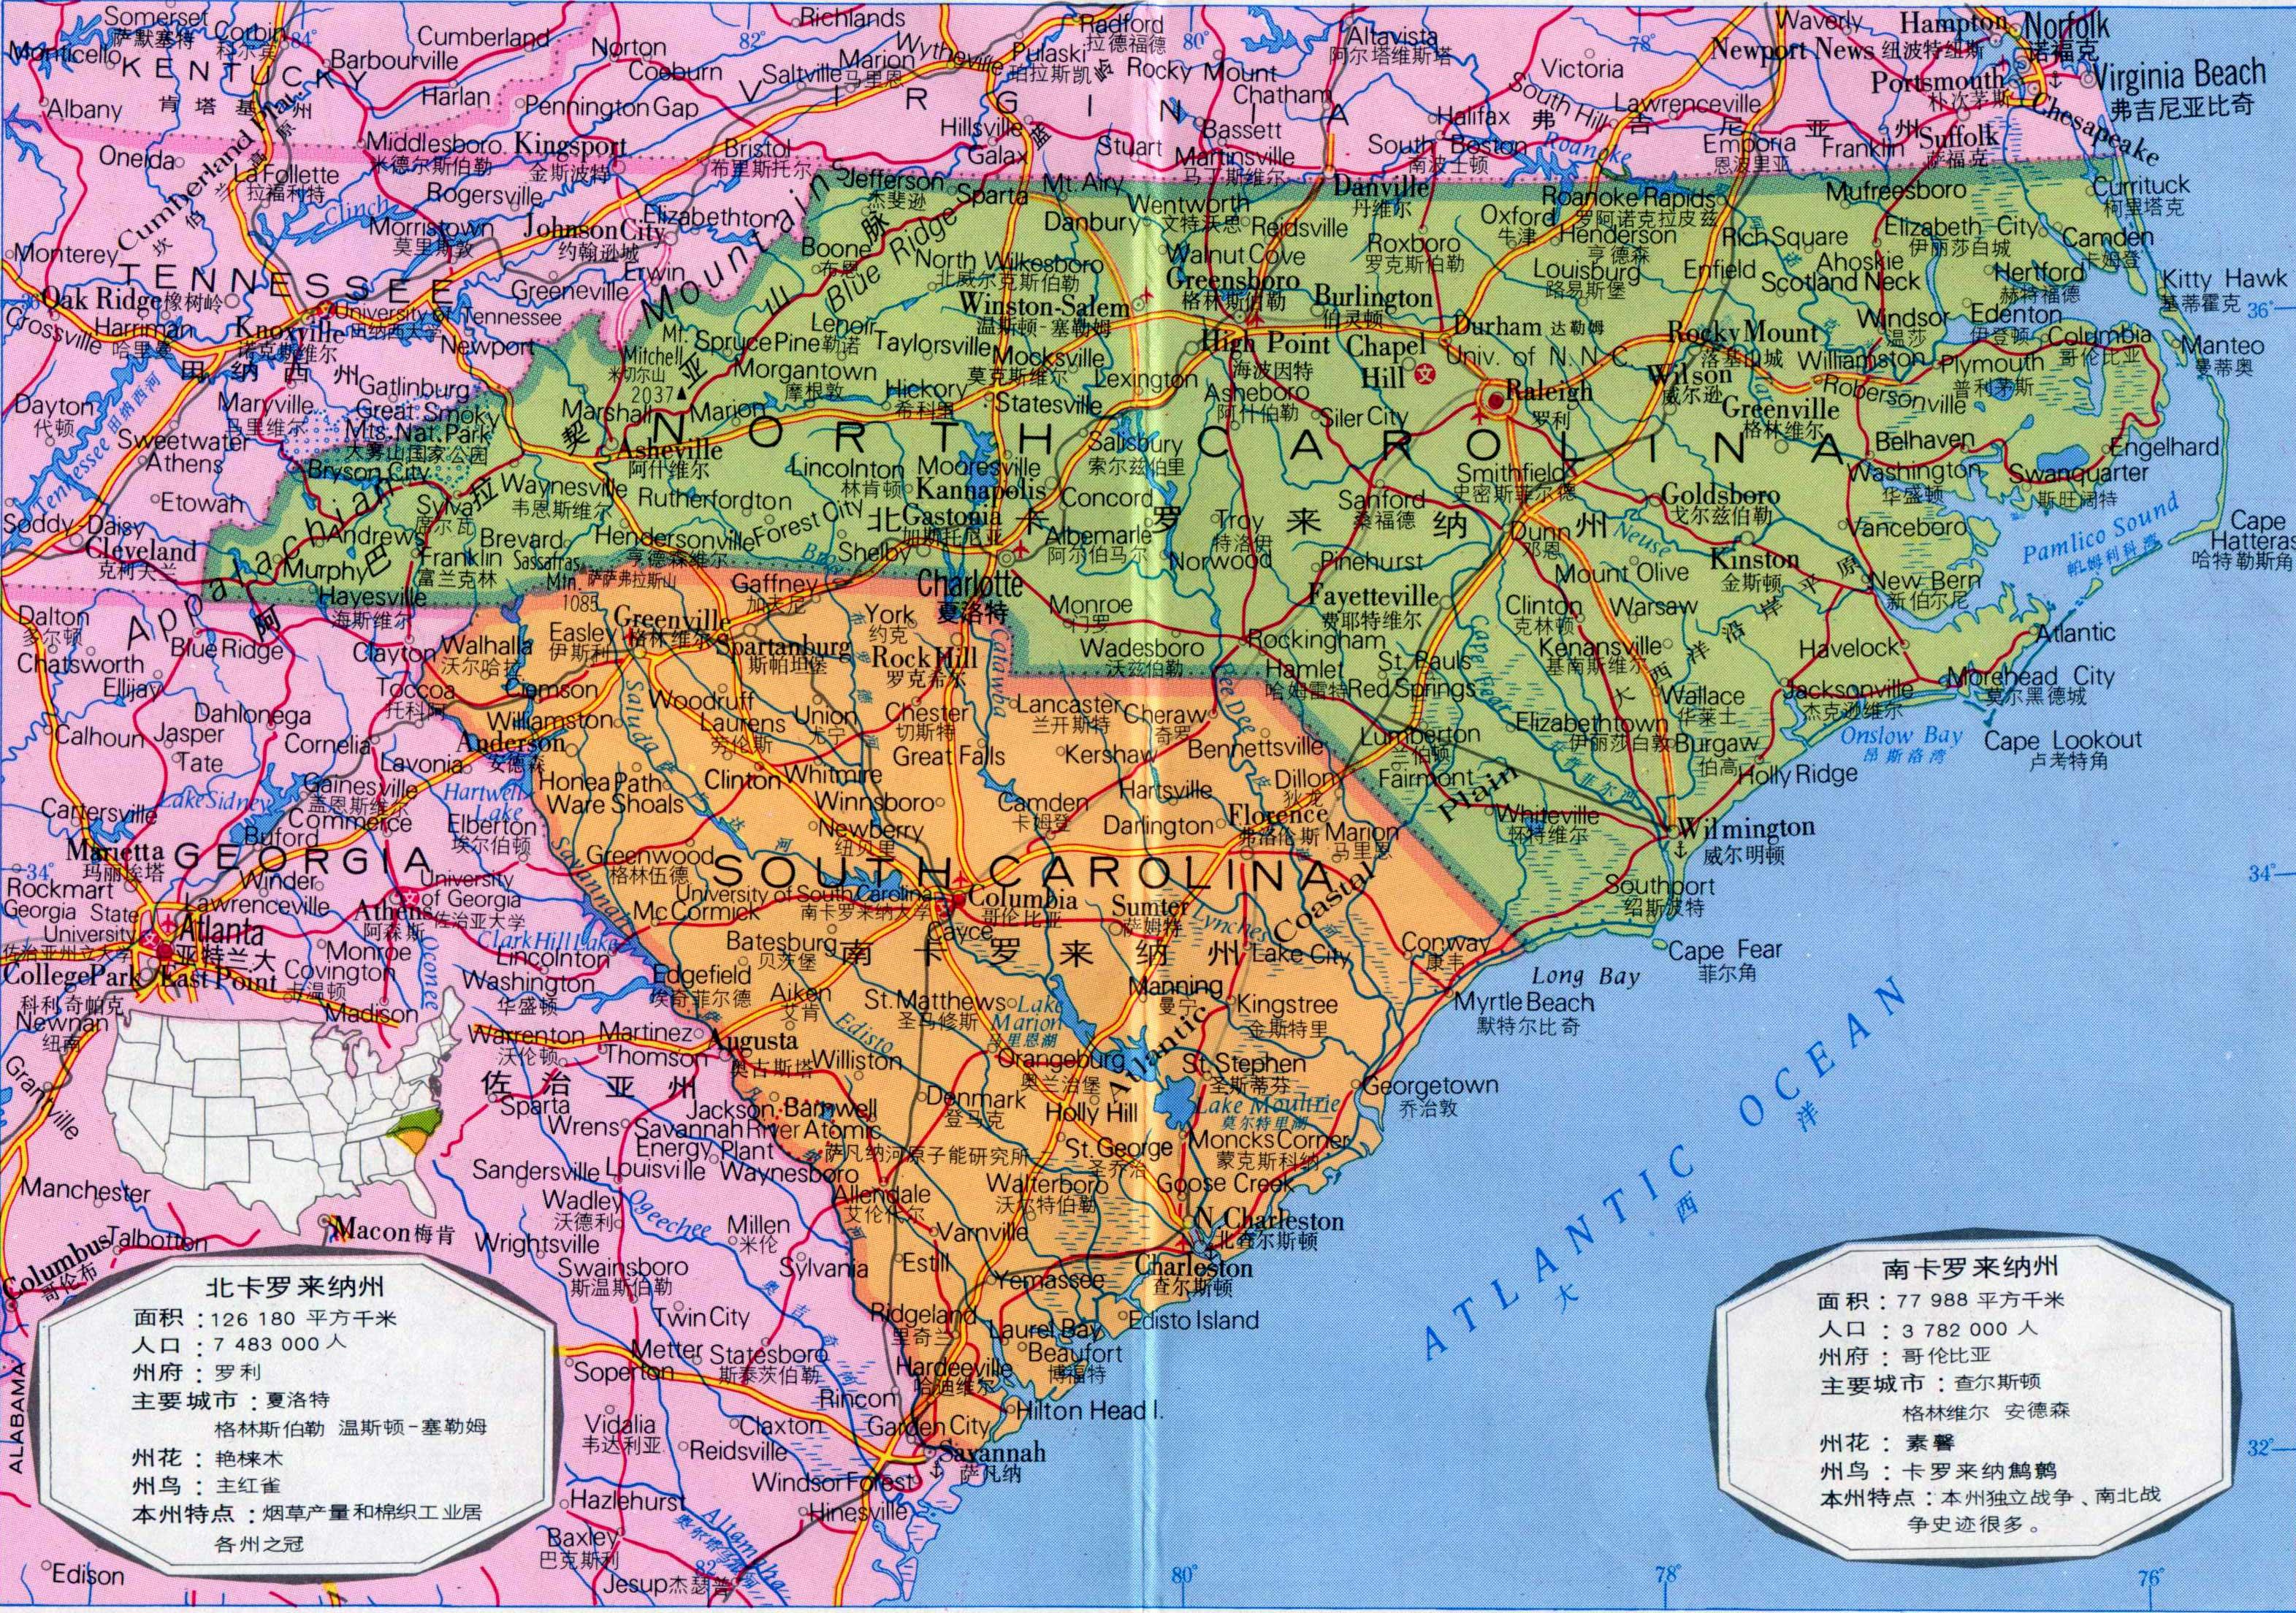 地图 卡罗莱纳州/卡罗莱纳州地图中文版